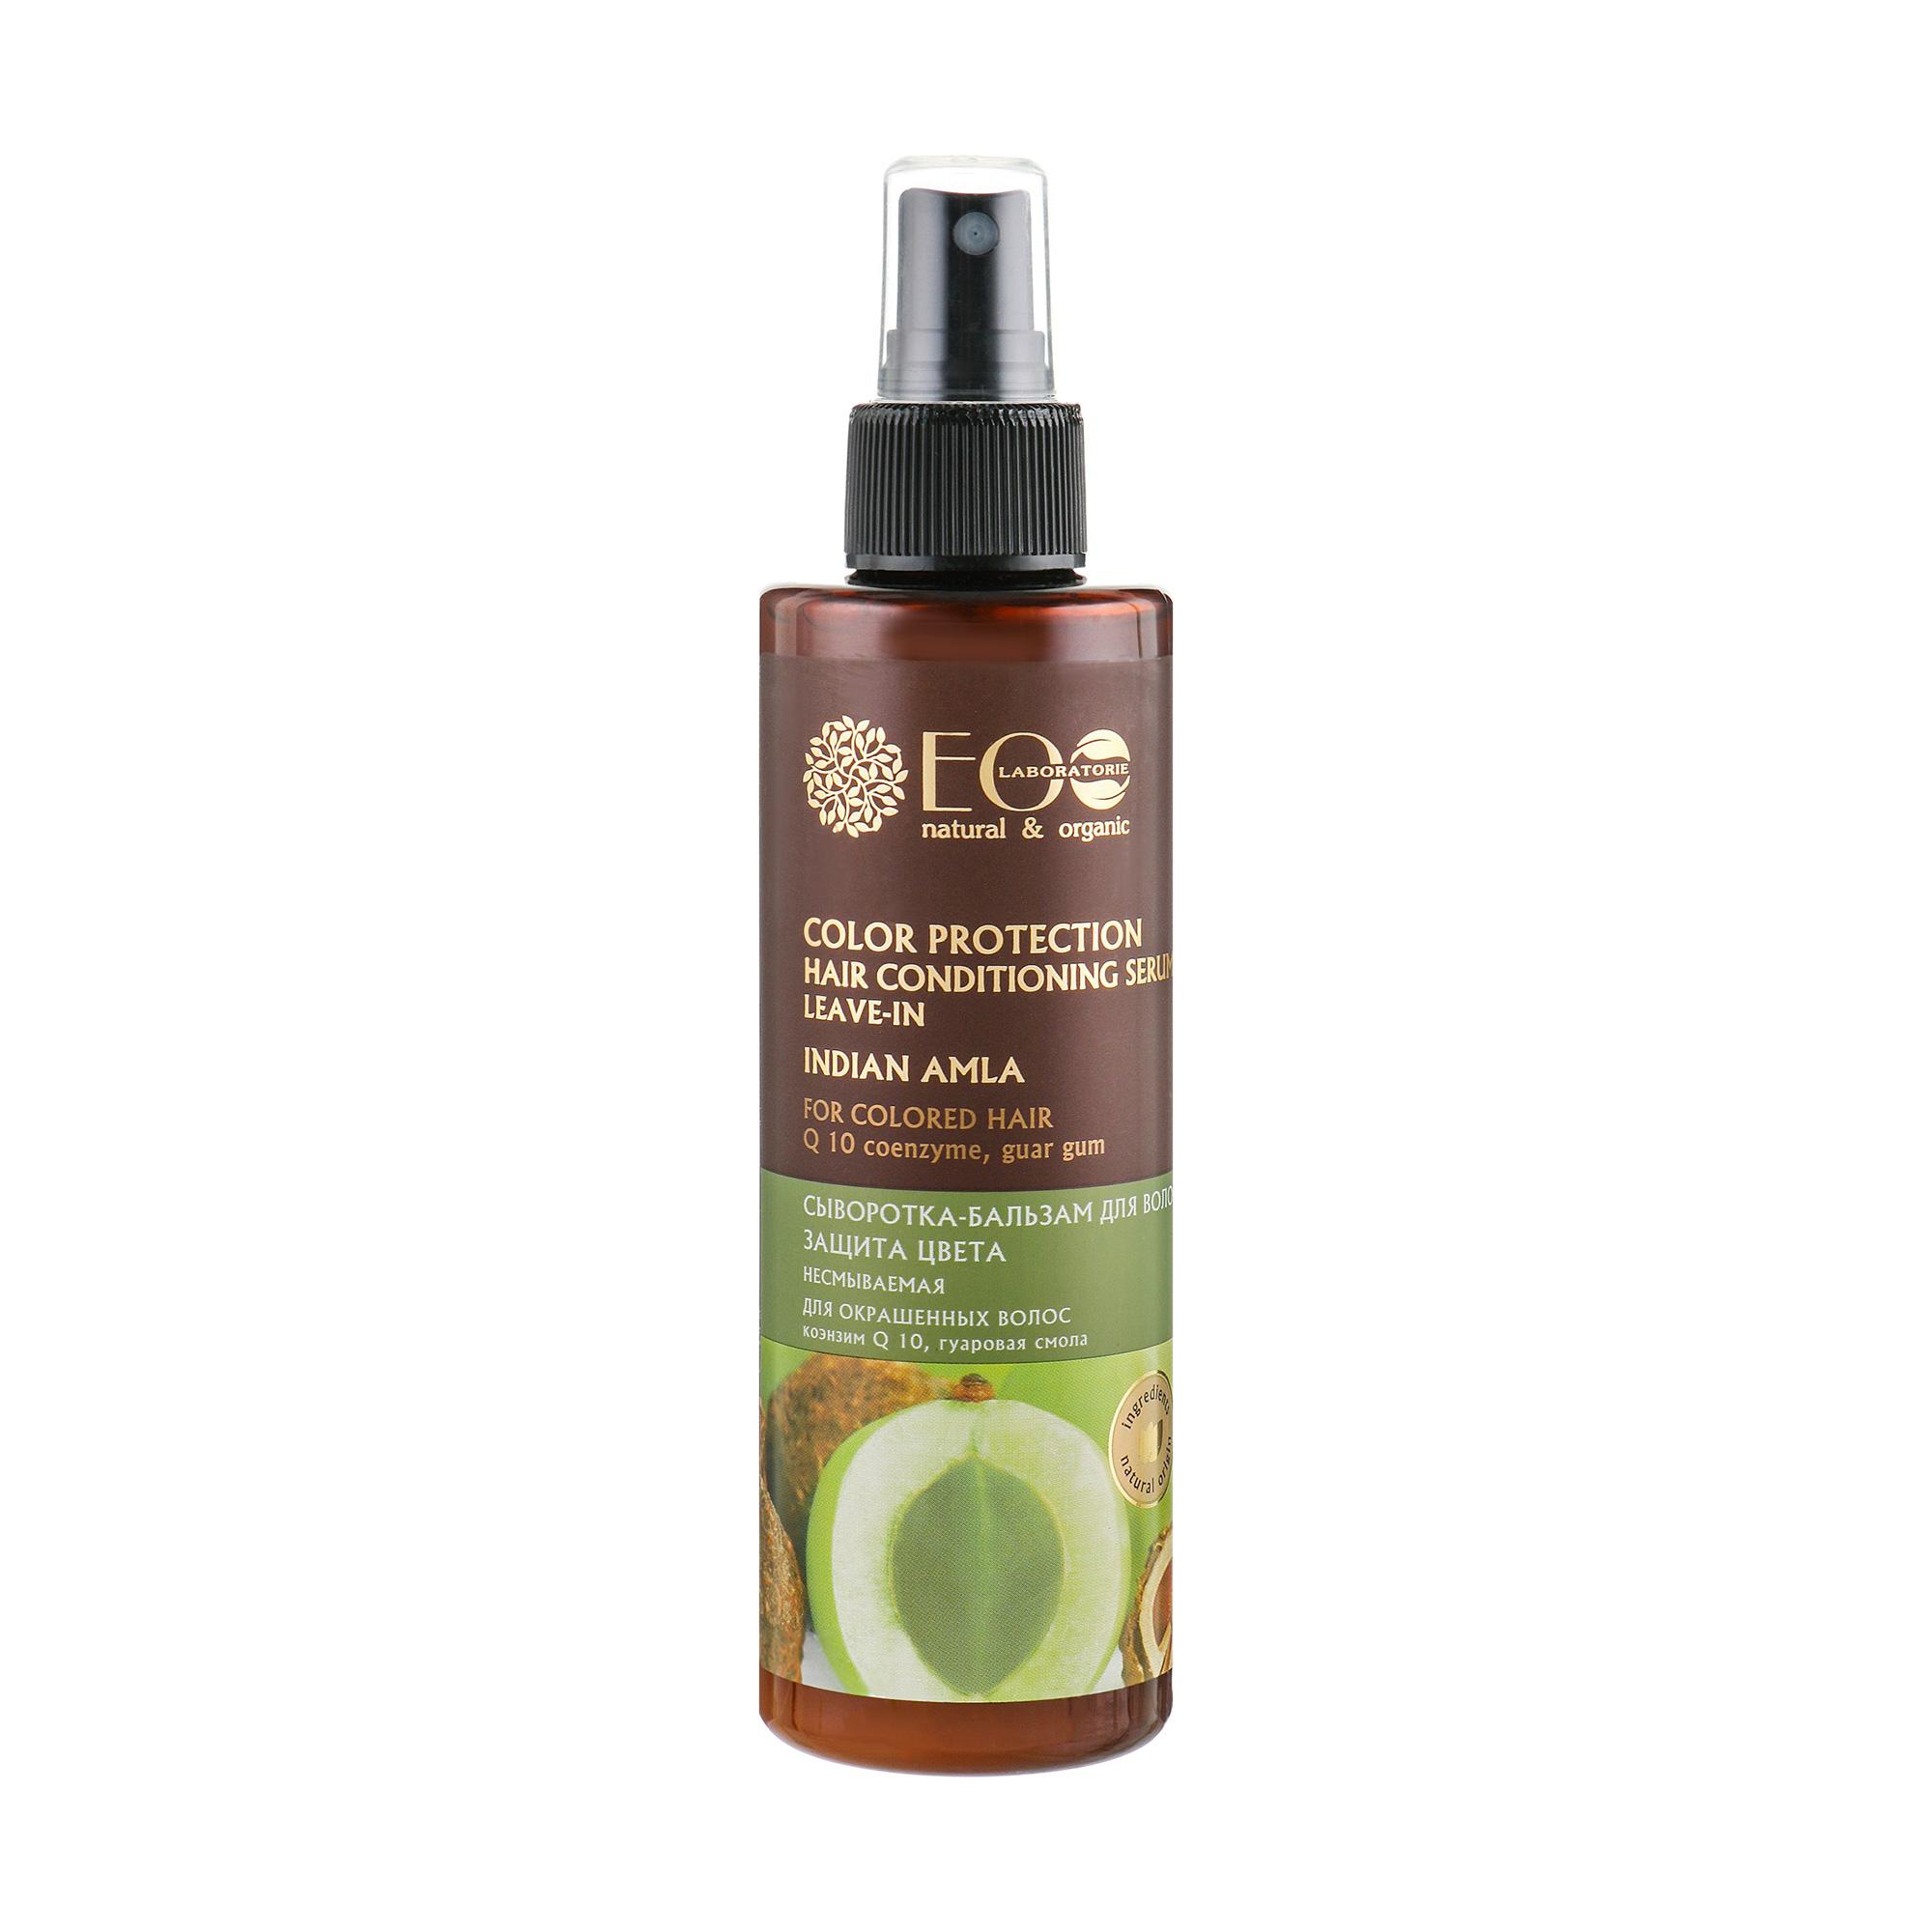 Купить Сыворотка-бальзам для волос EO Laboratorie Защита цвета для окрашенных волос, 200 мл